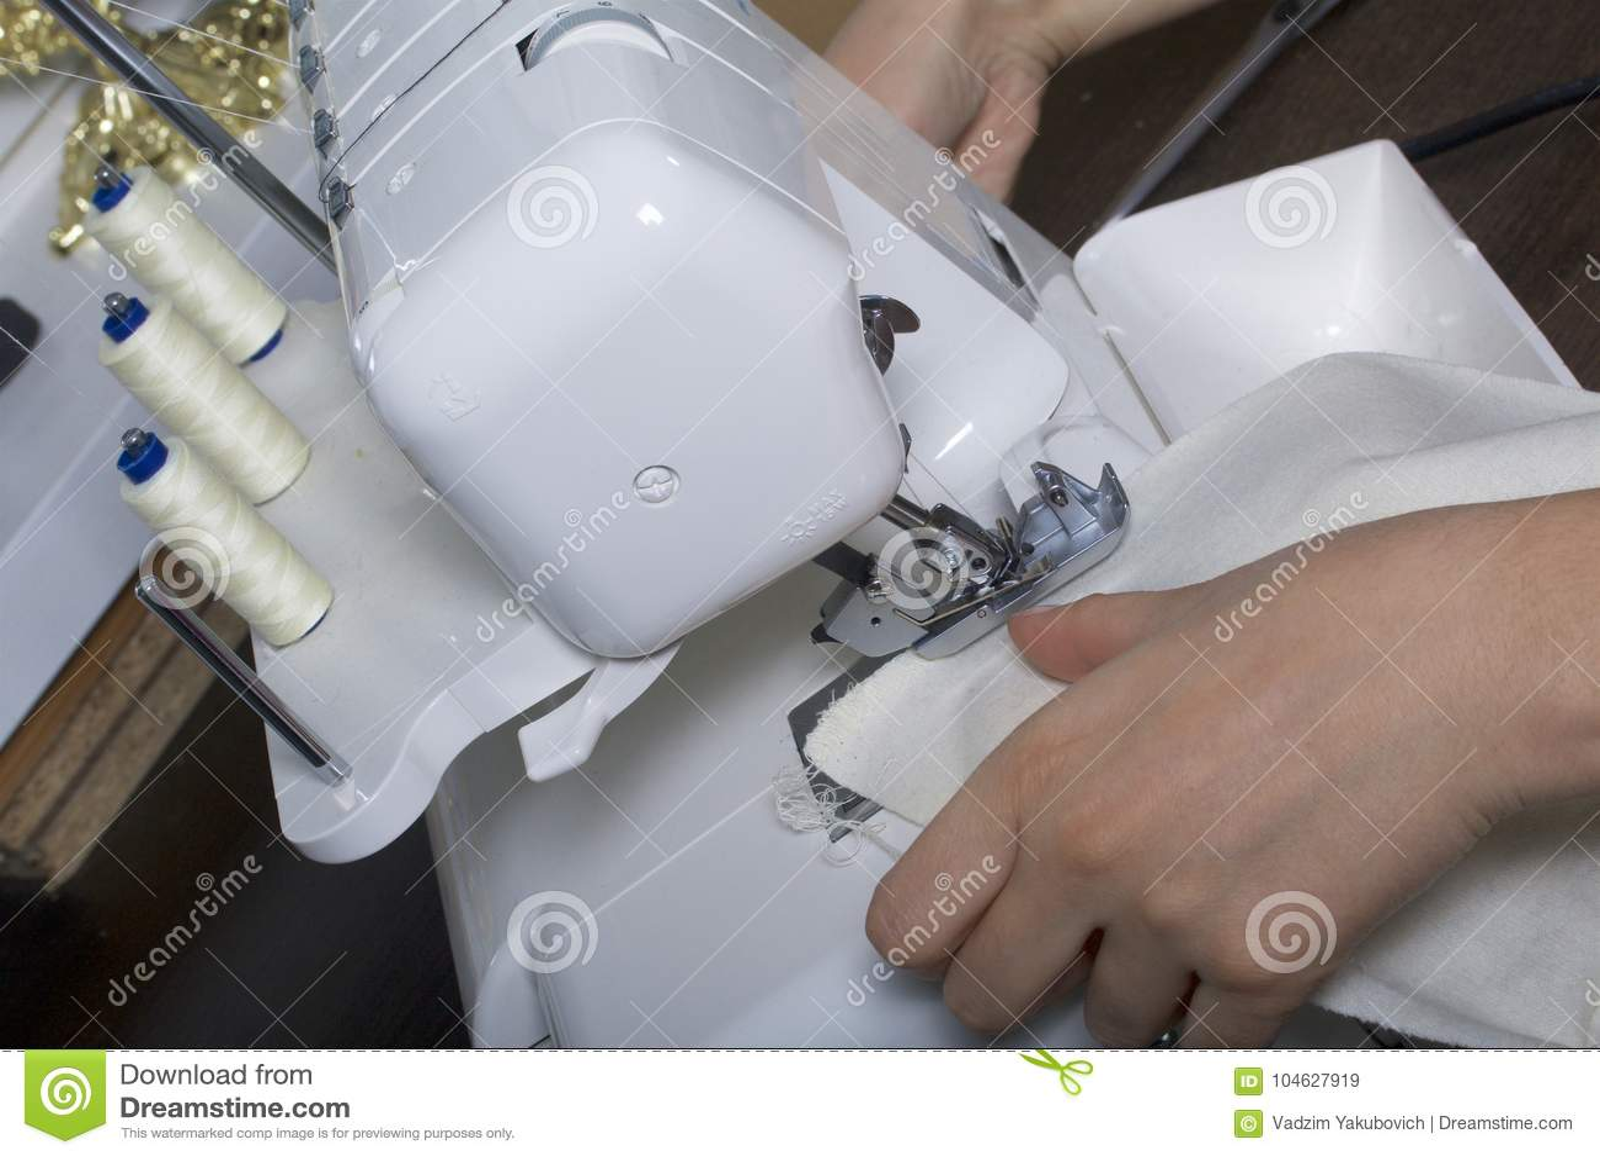 Download De Vrouw Werkt Aan Het Product Op Overlock Overlock Met Witte Draad De Vrouw Leidt De Doek In De Klauw O Wordt Vastgeklemd Dat Stock Afbeelding - Afbeelding bestaande uit machine, ontwerp: 104627919